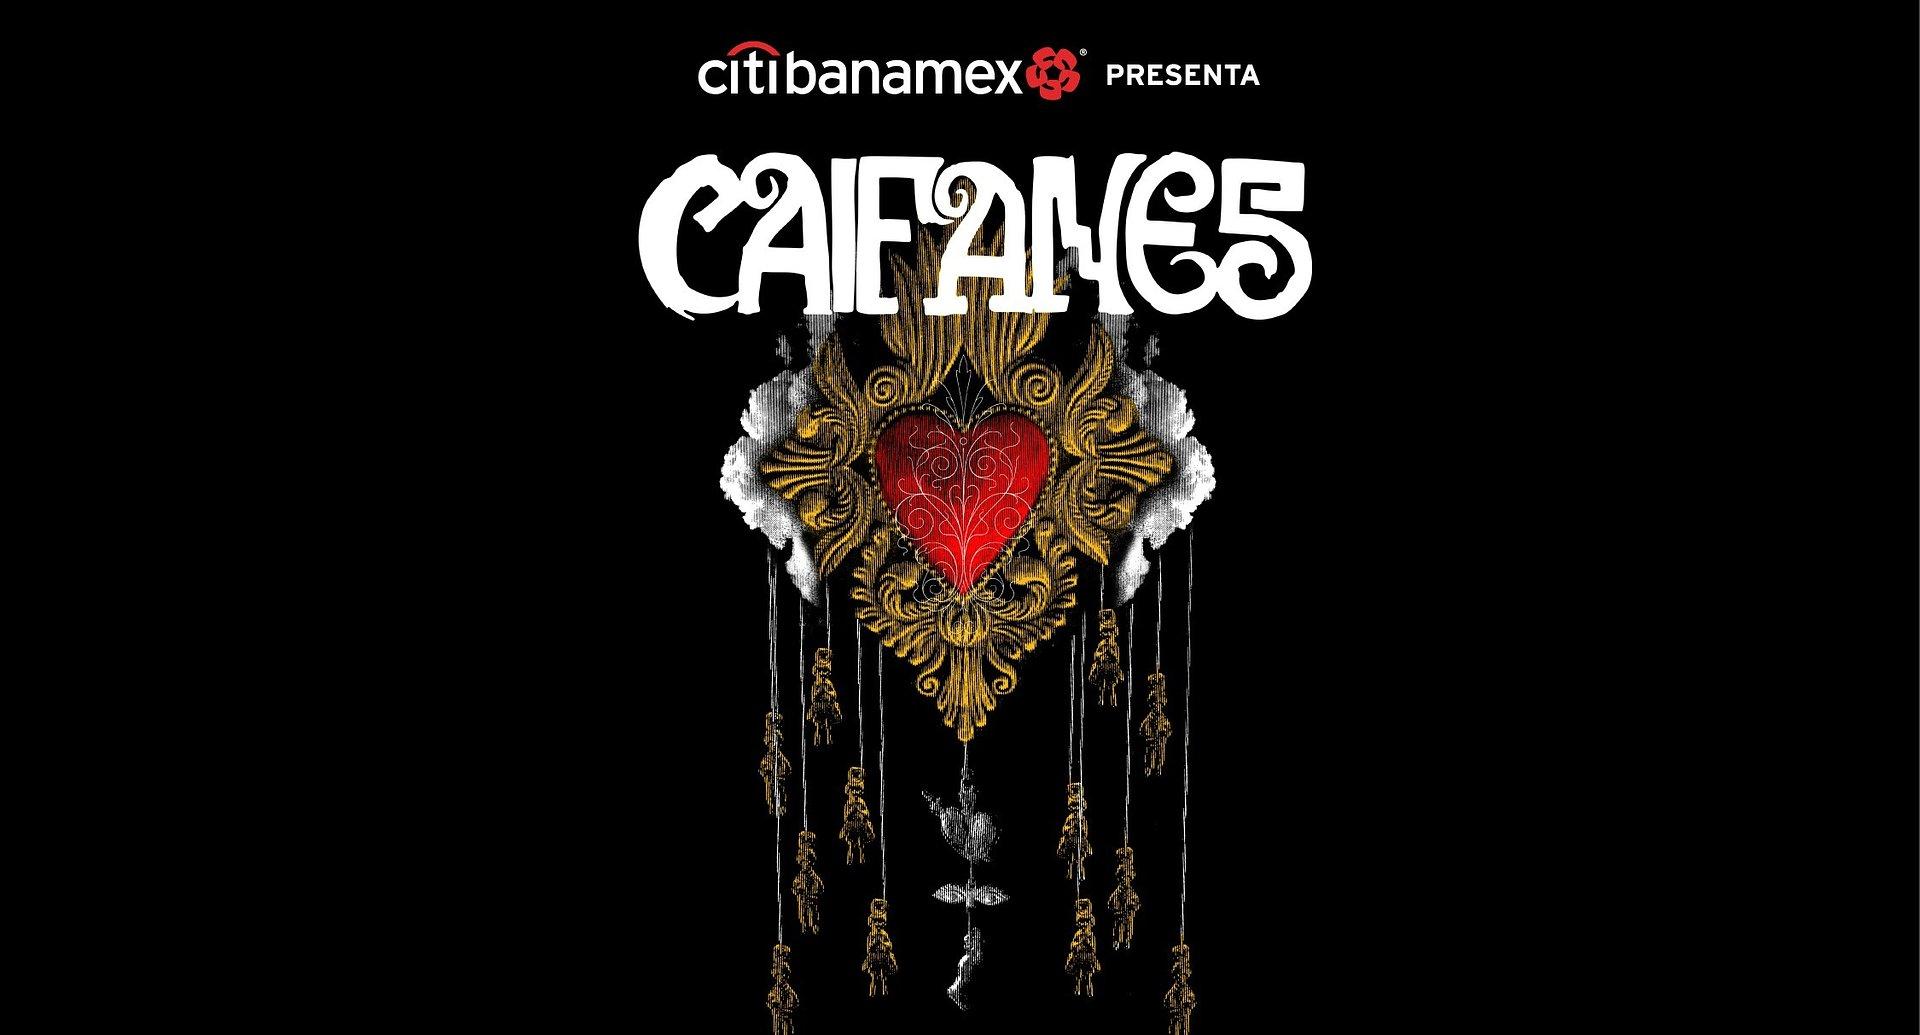 OCESA anuncia la reprogramación del show vía streaming de Caifanes, presentado por Citibanamex